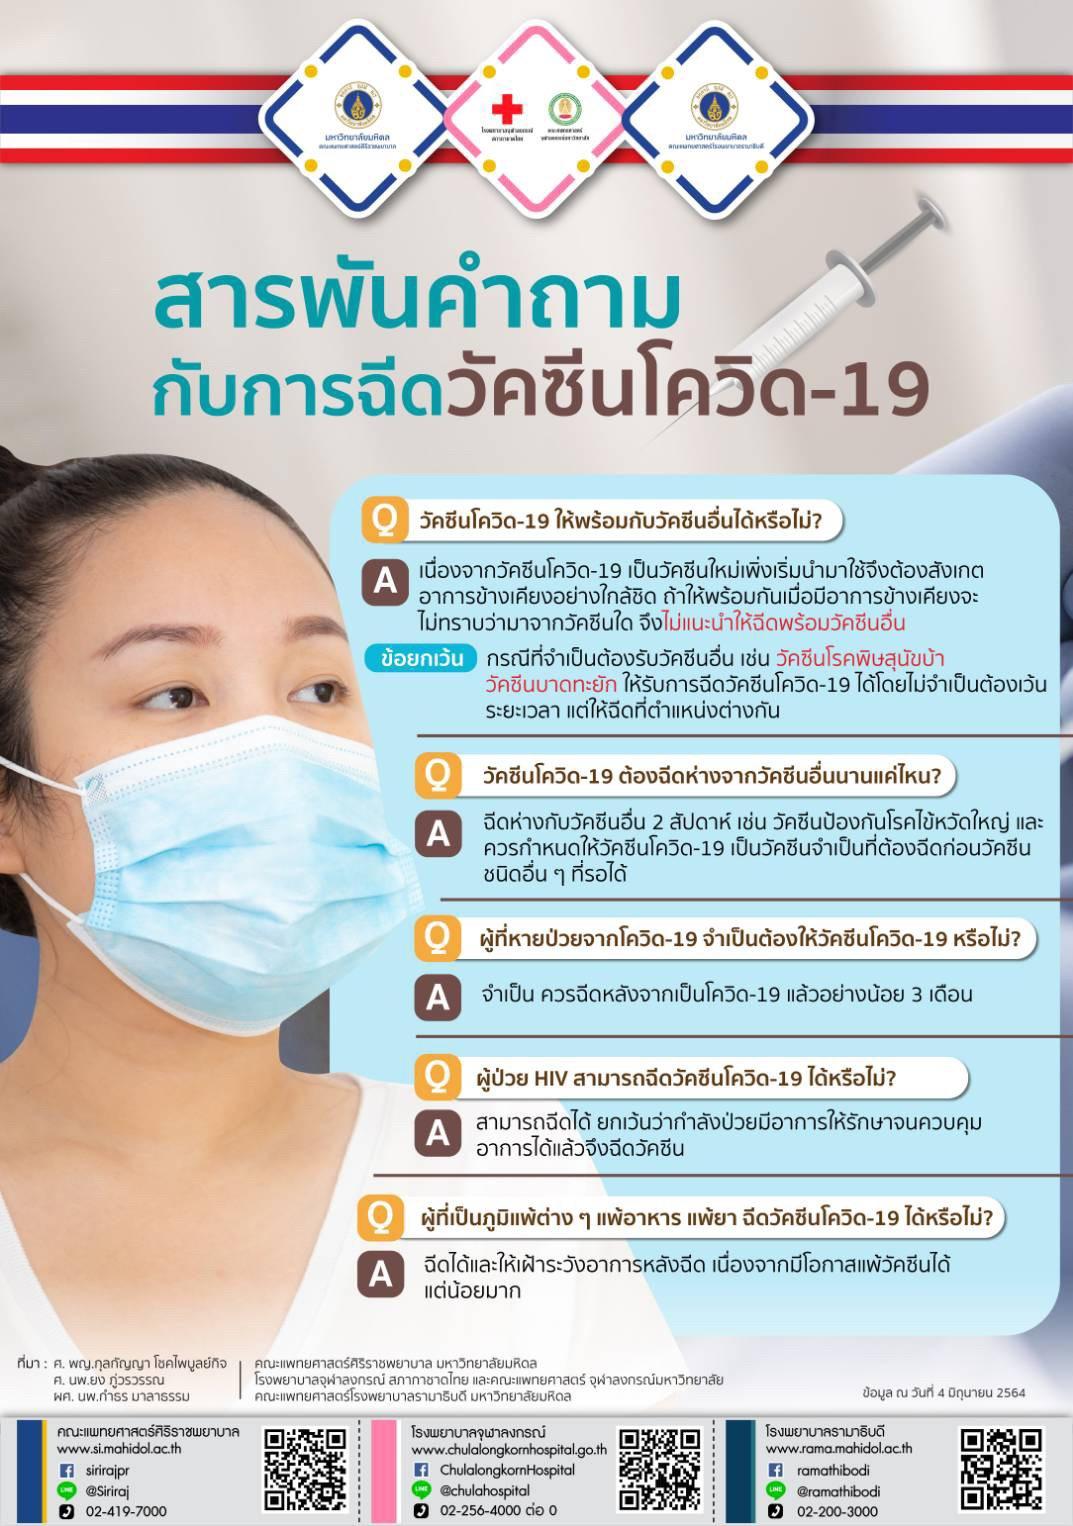 สารพันคำถามกับการฉีดวัคซีนโควิด-19